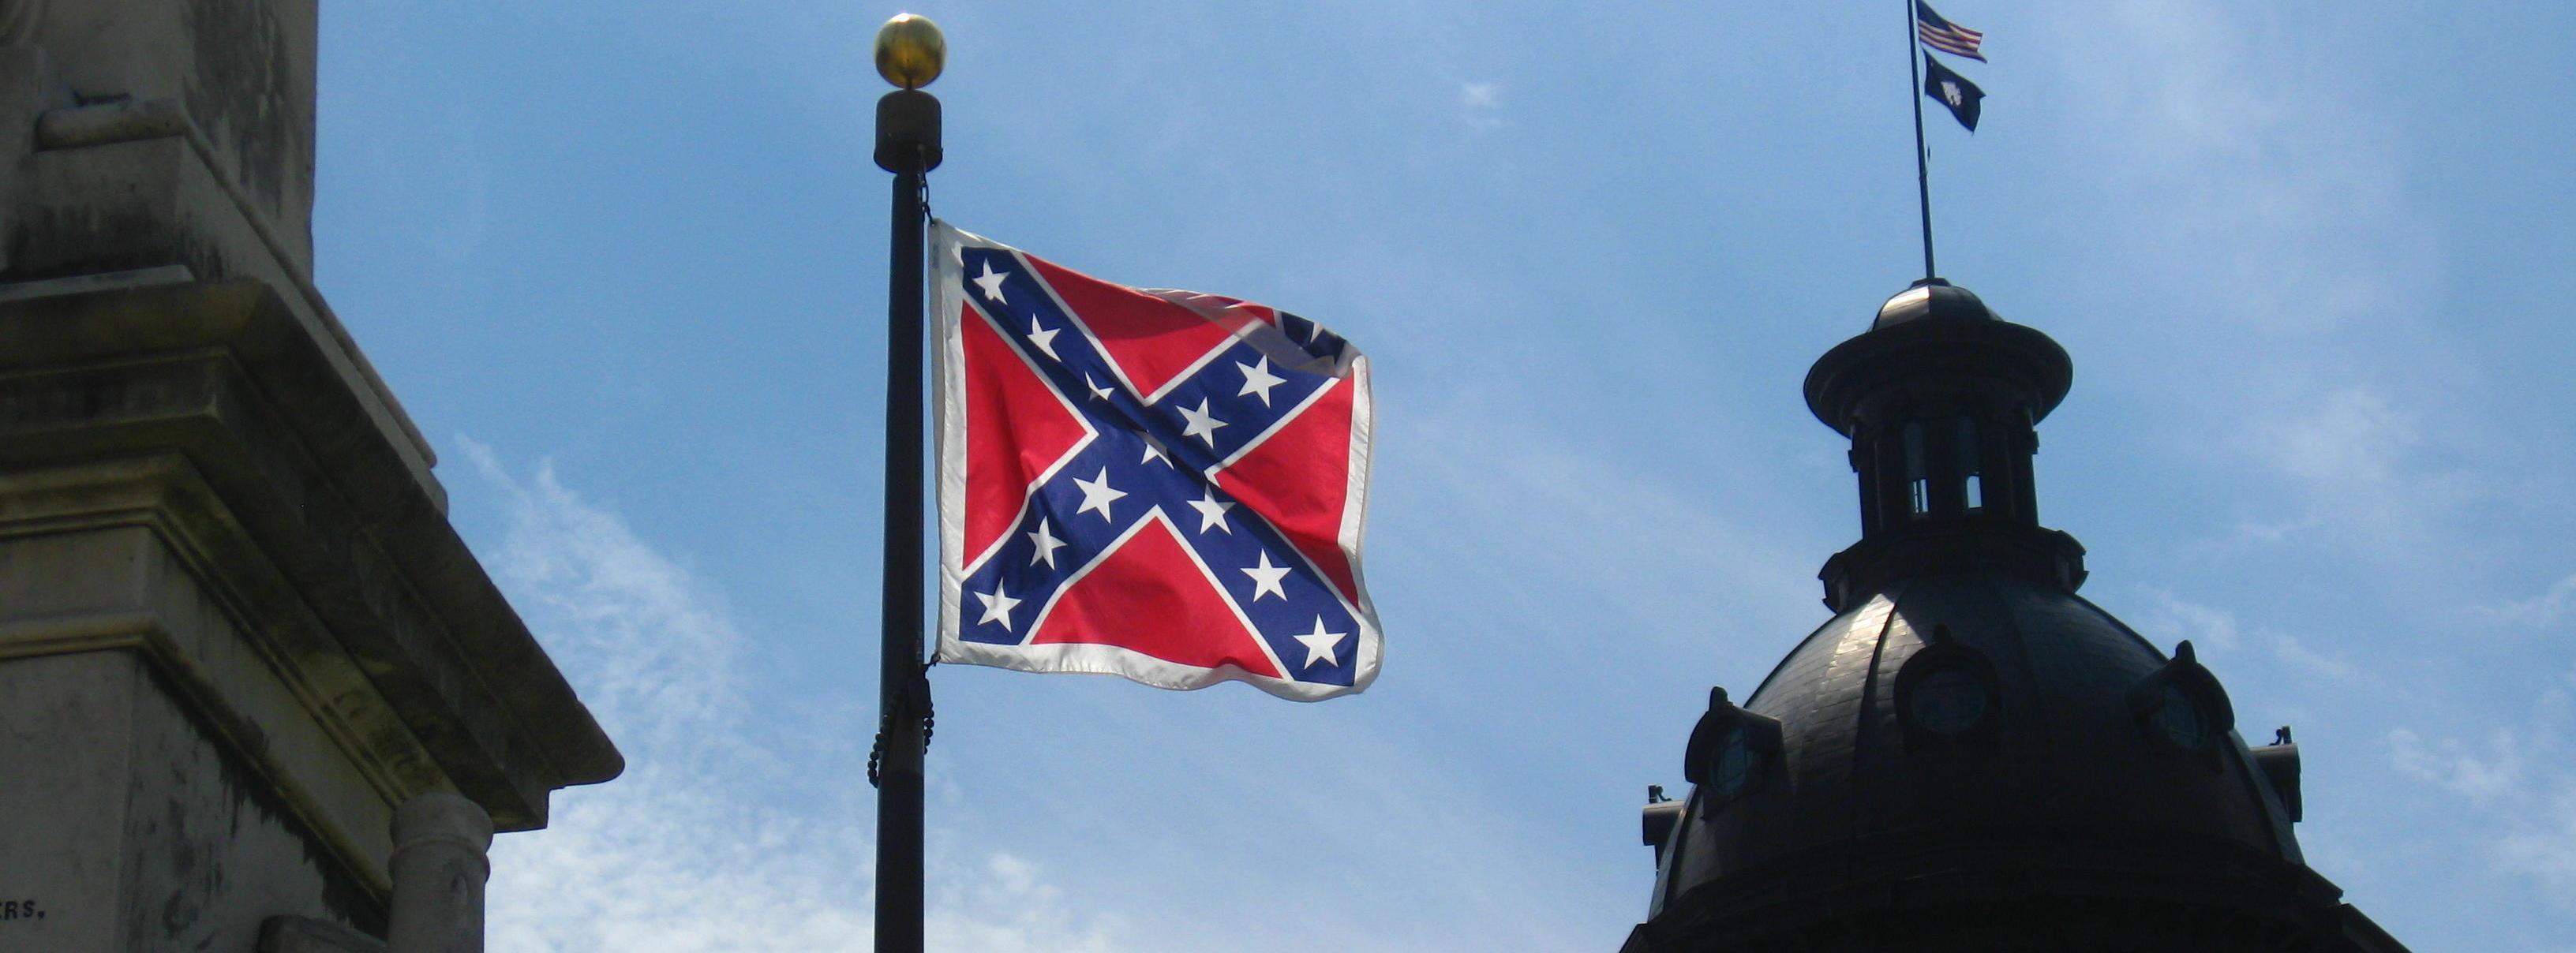 Убийства в Чарльстоне: американский ритейл прощается с флагом Конфедерации